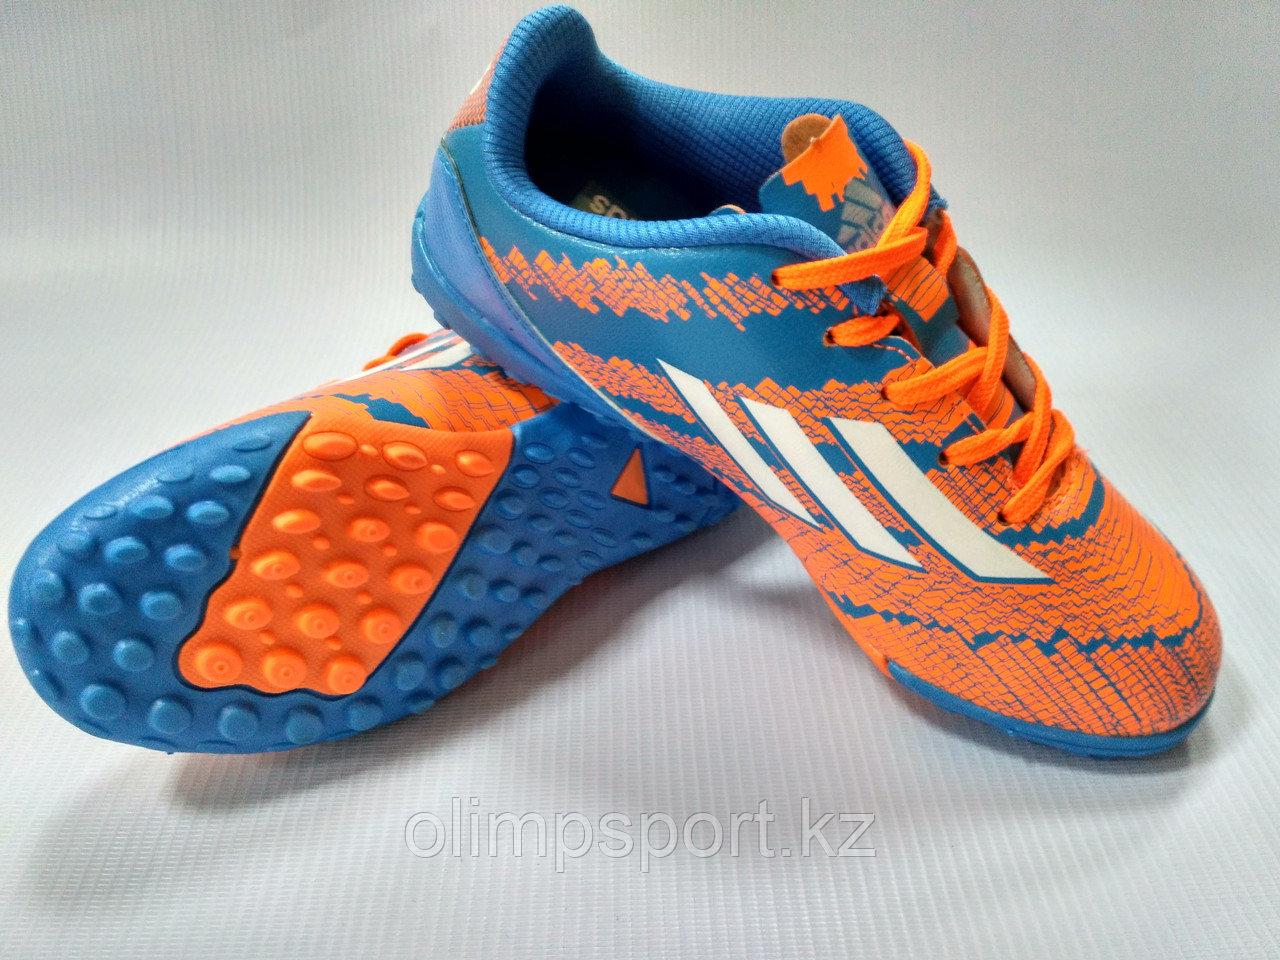 Сороконожки футбольные Adidas